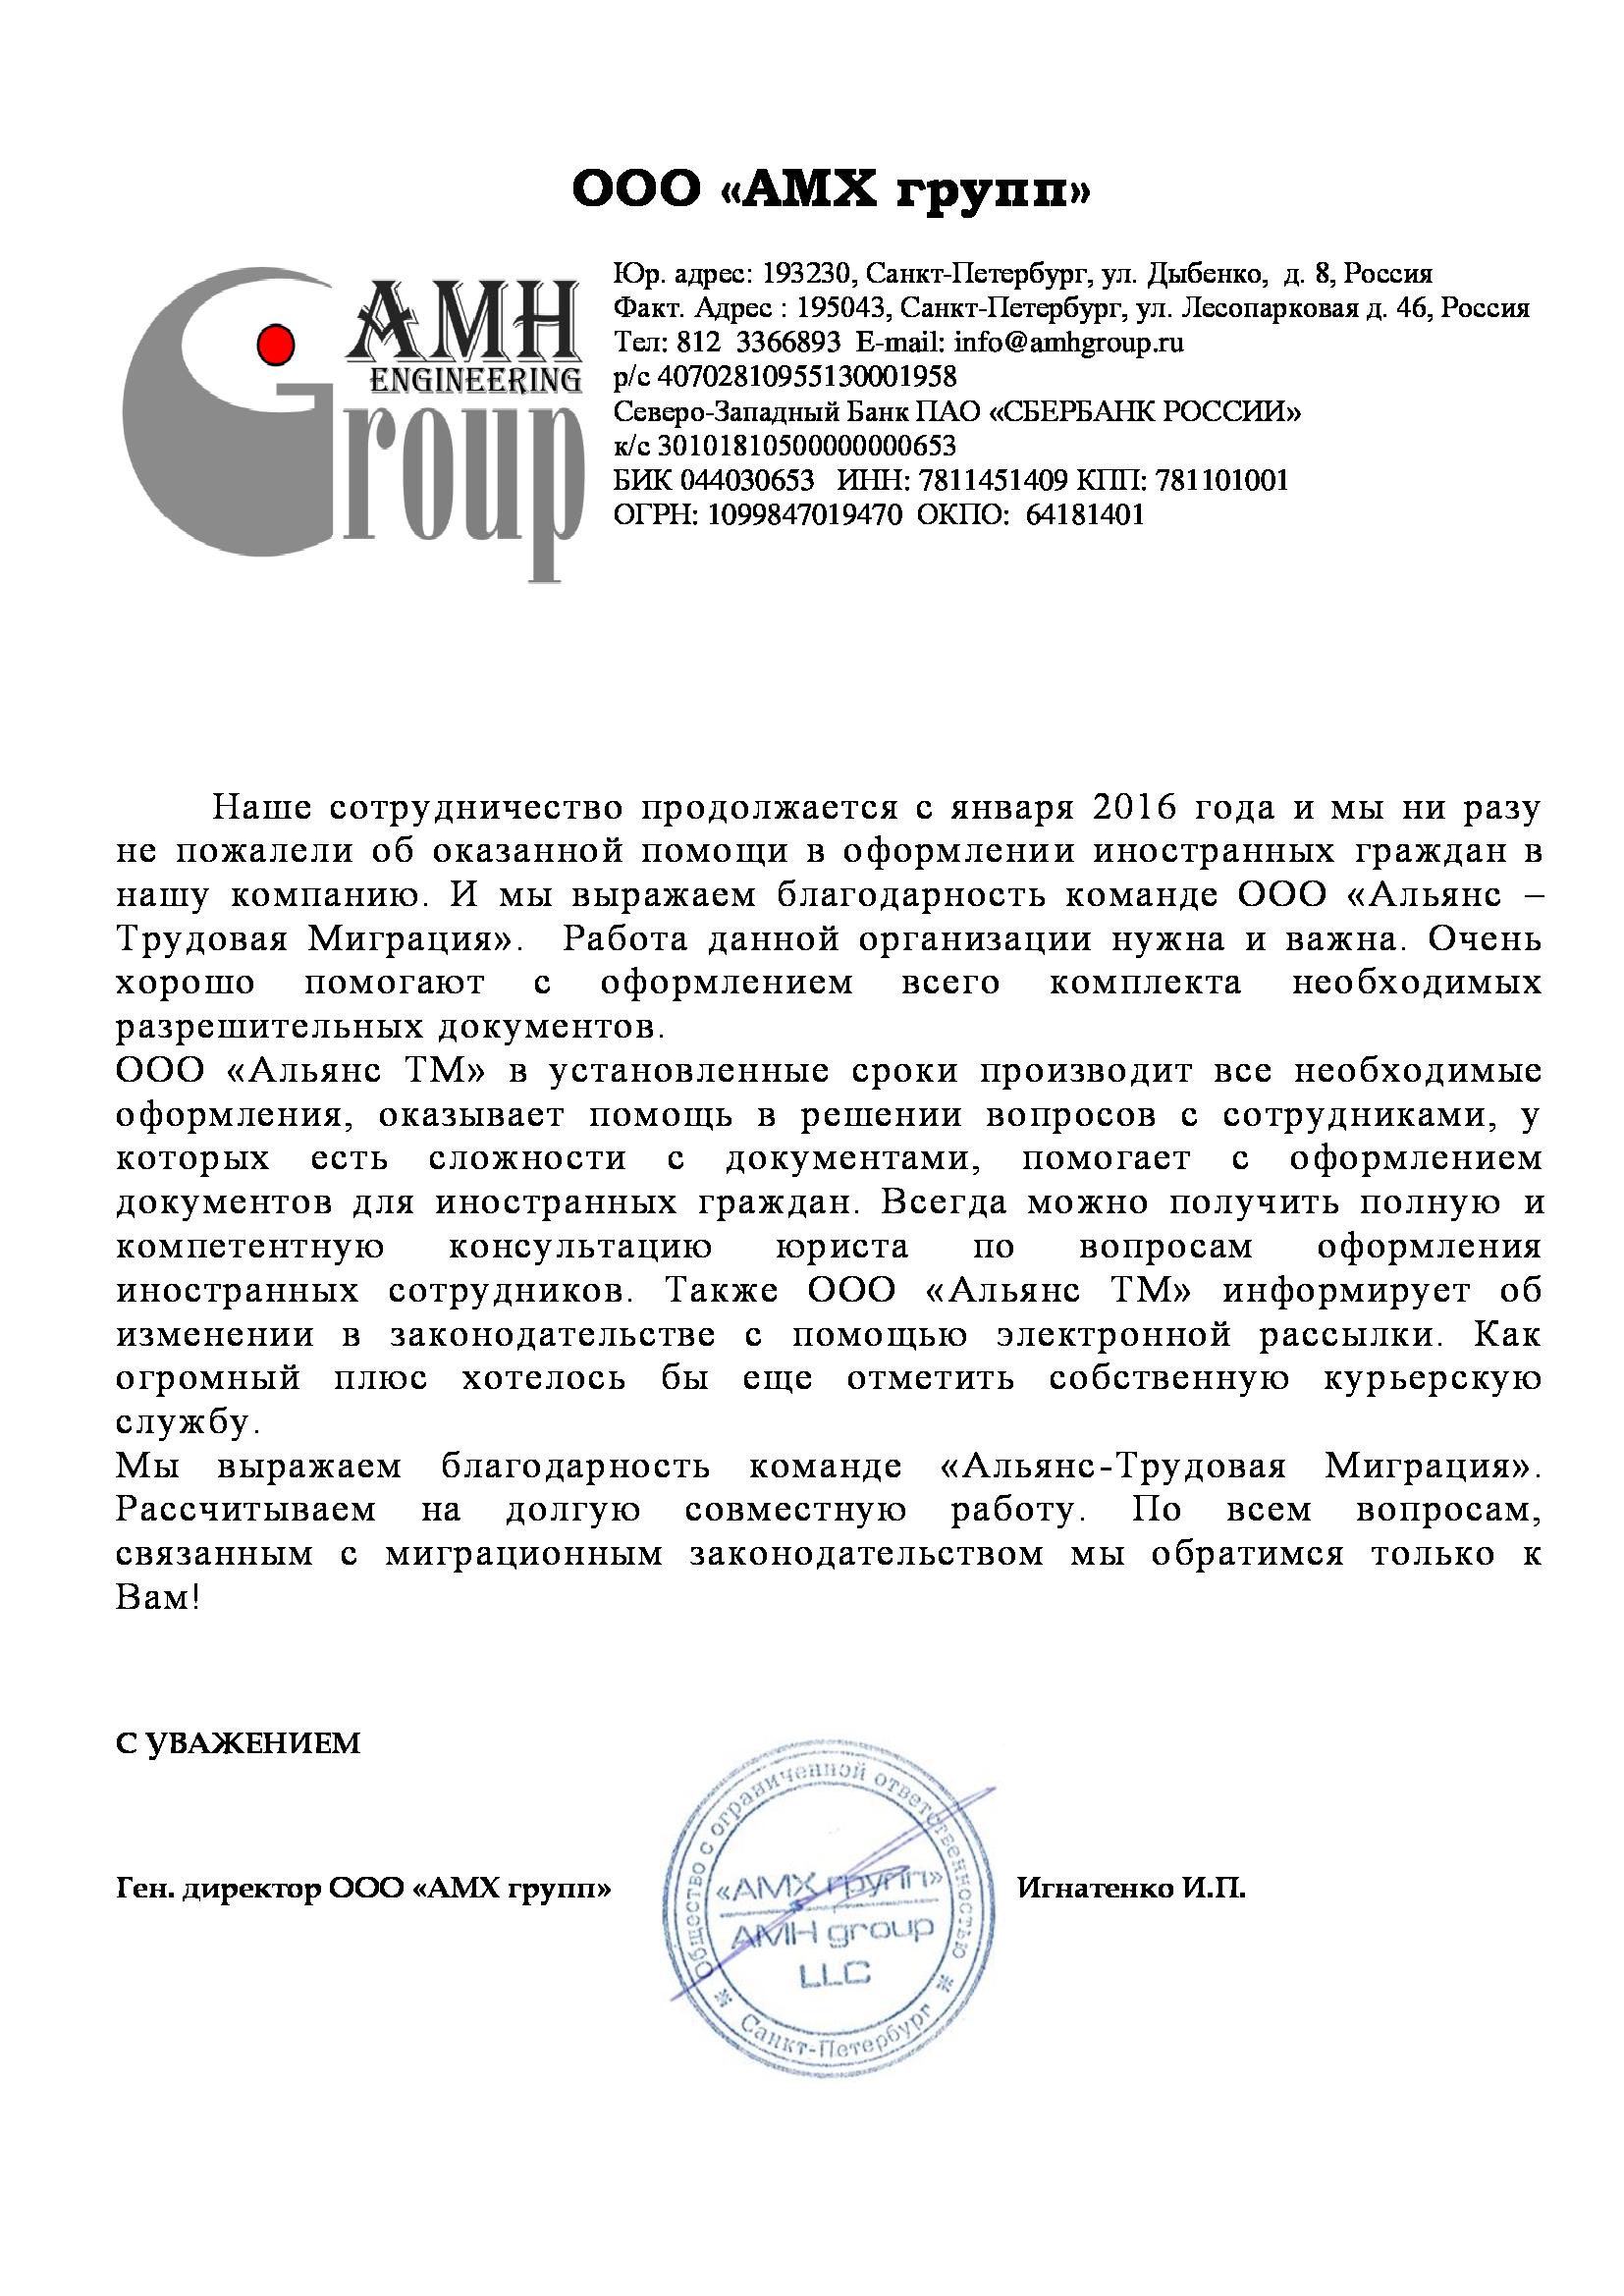 d31a9e050b26 Наше сотрудничество продолжается с января 2016 года и мы ни разу не  пожалели об оказанной помощи в оформлении иностранных граждан в нашу  компанию.